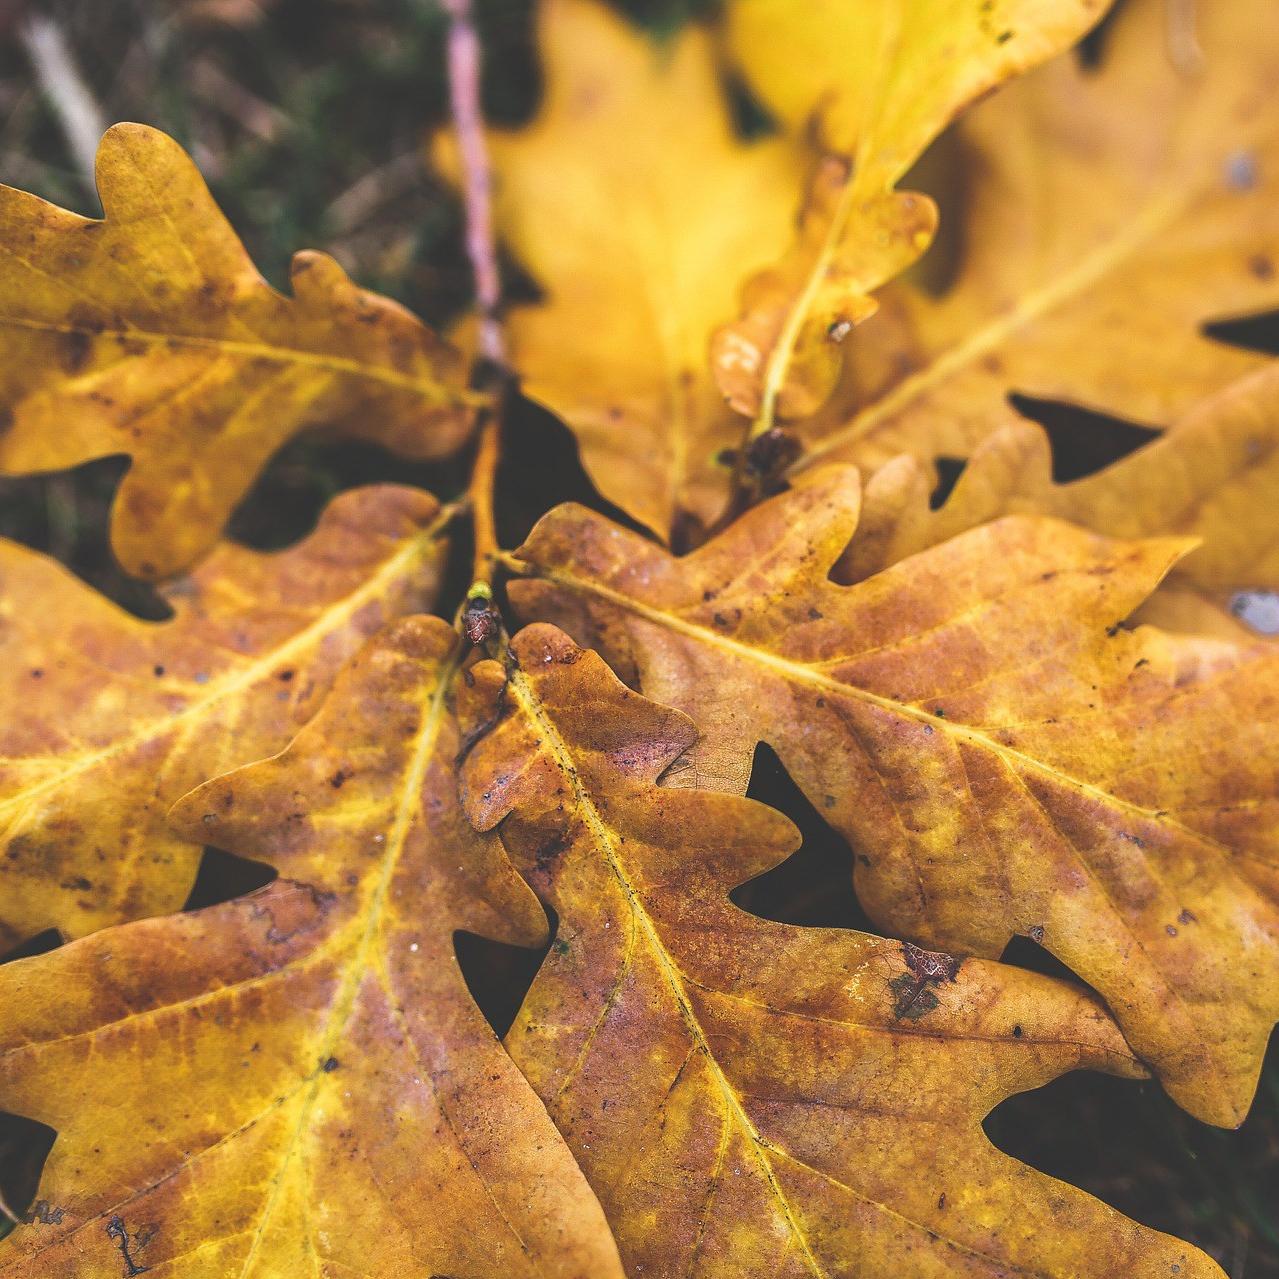 leaves-791246_1920.jpg